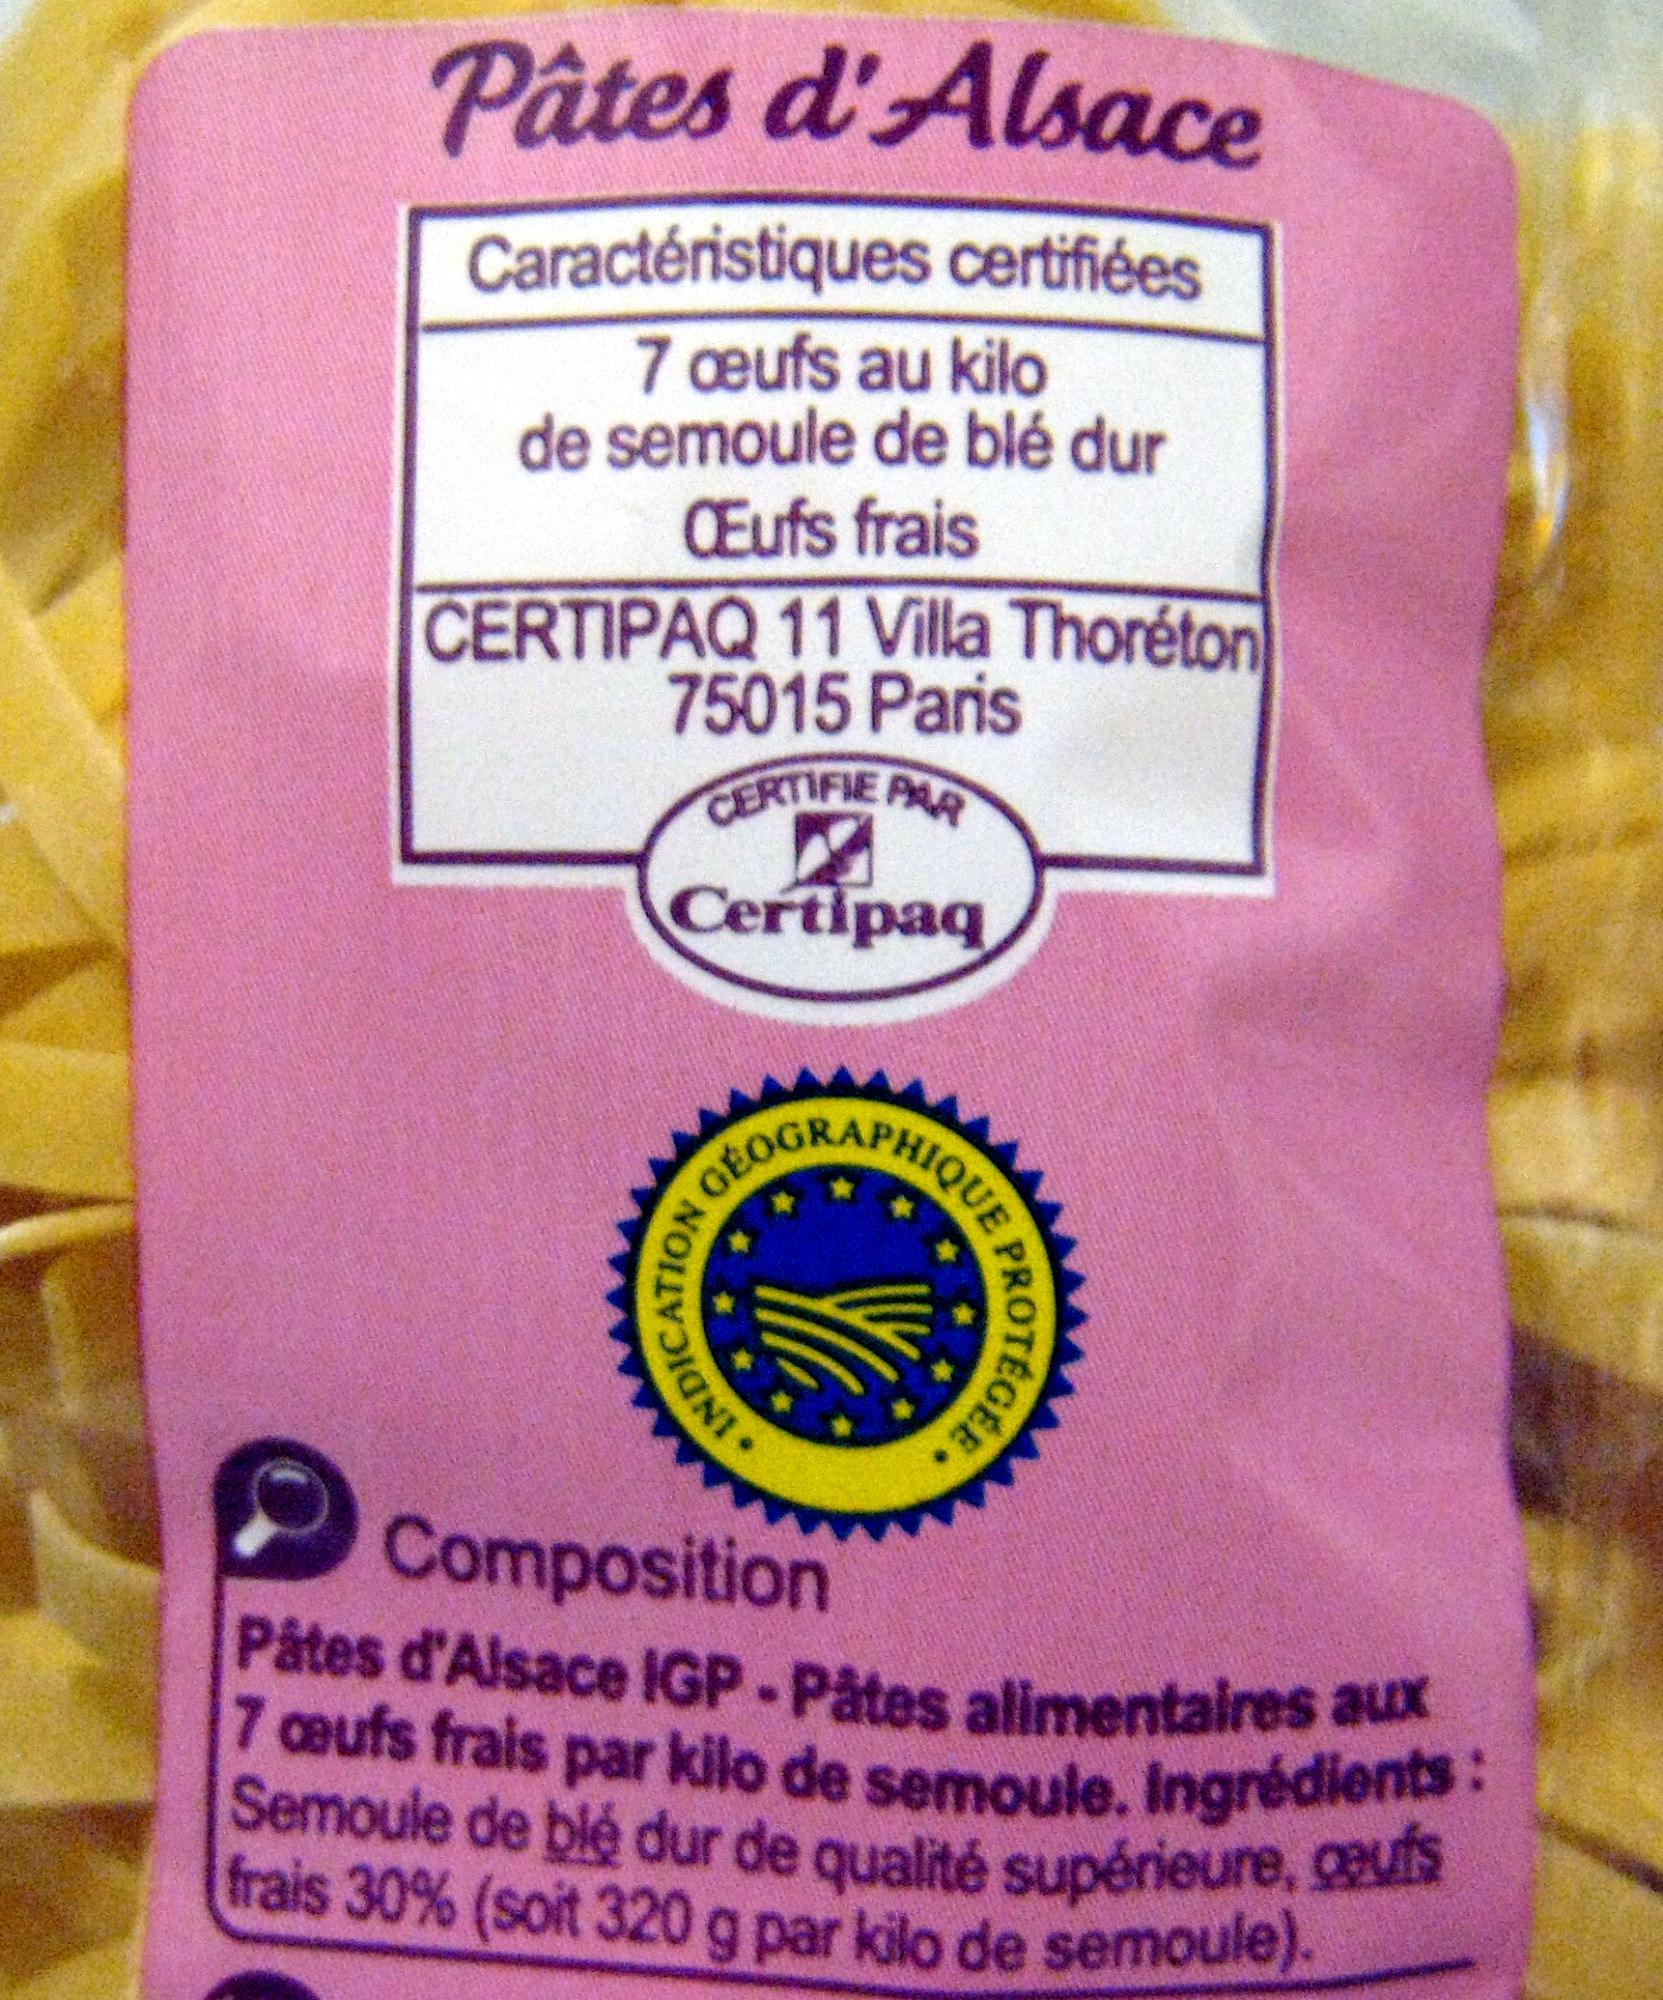 Pâtes d'Alsace IGP Nids - Ingrédients - fr